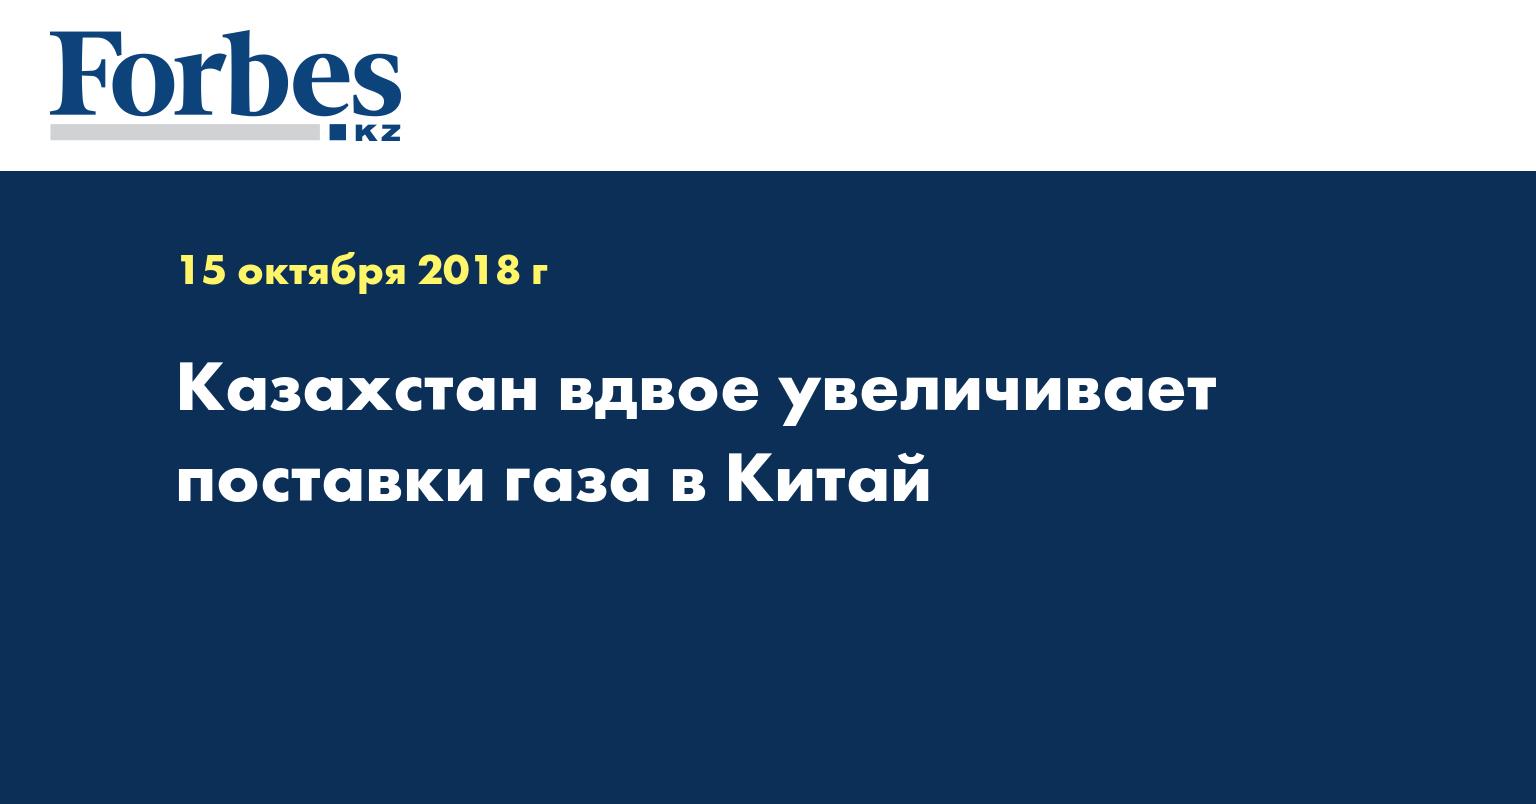 Казахстан вдвое увеличивает поставки газа в Китай